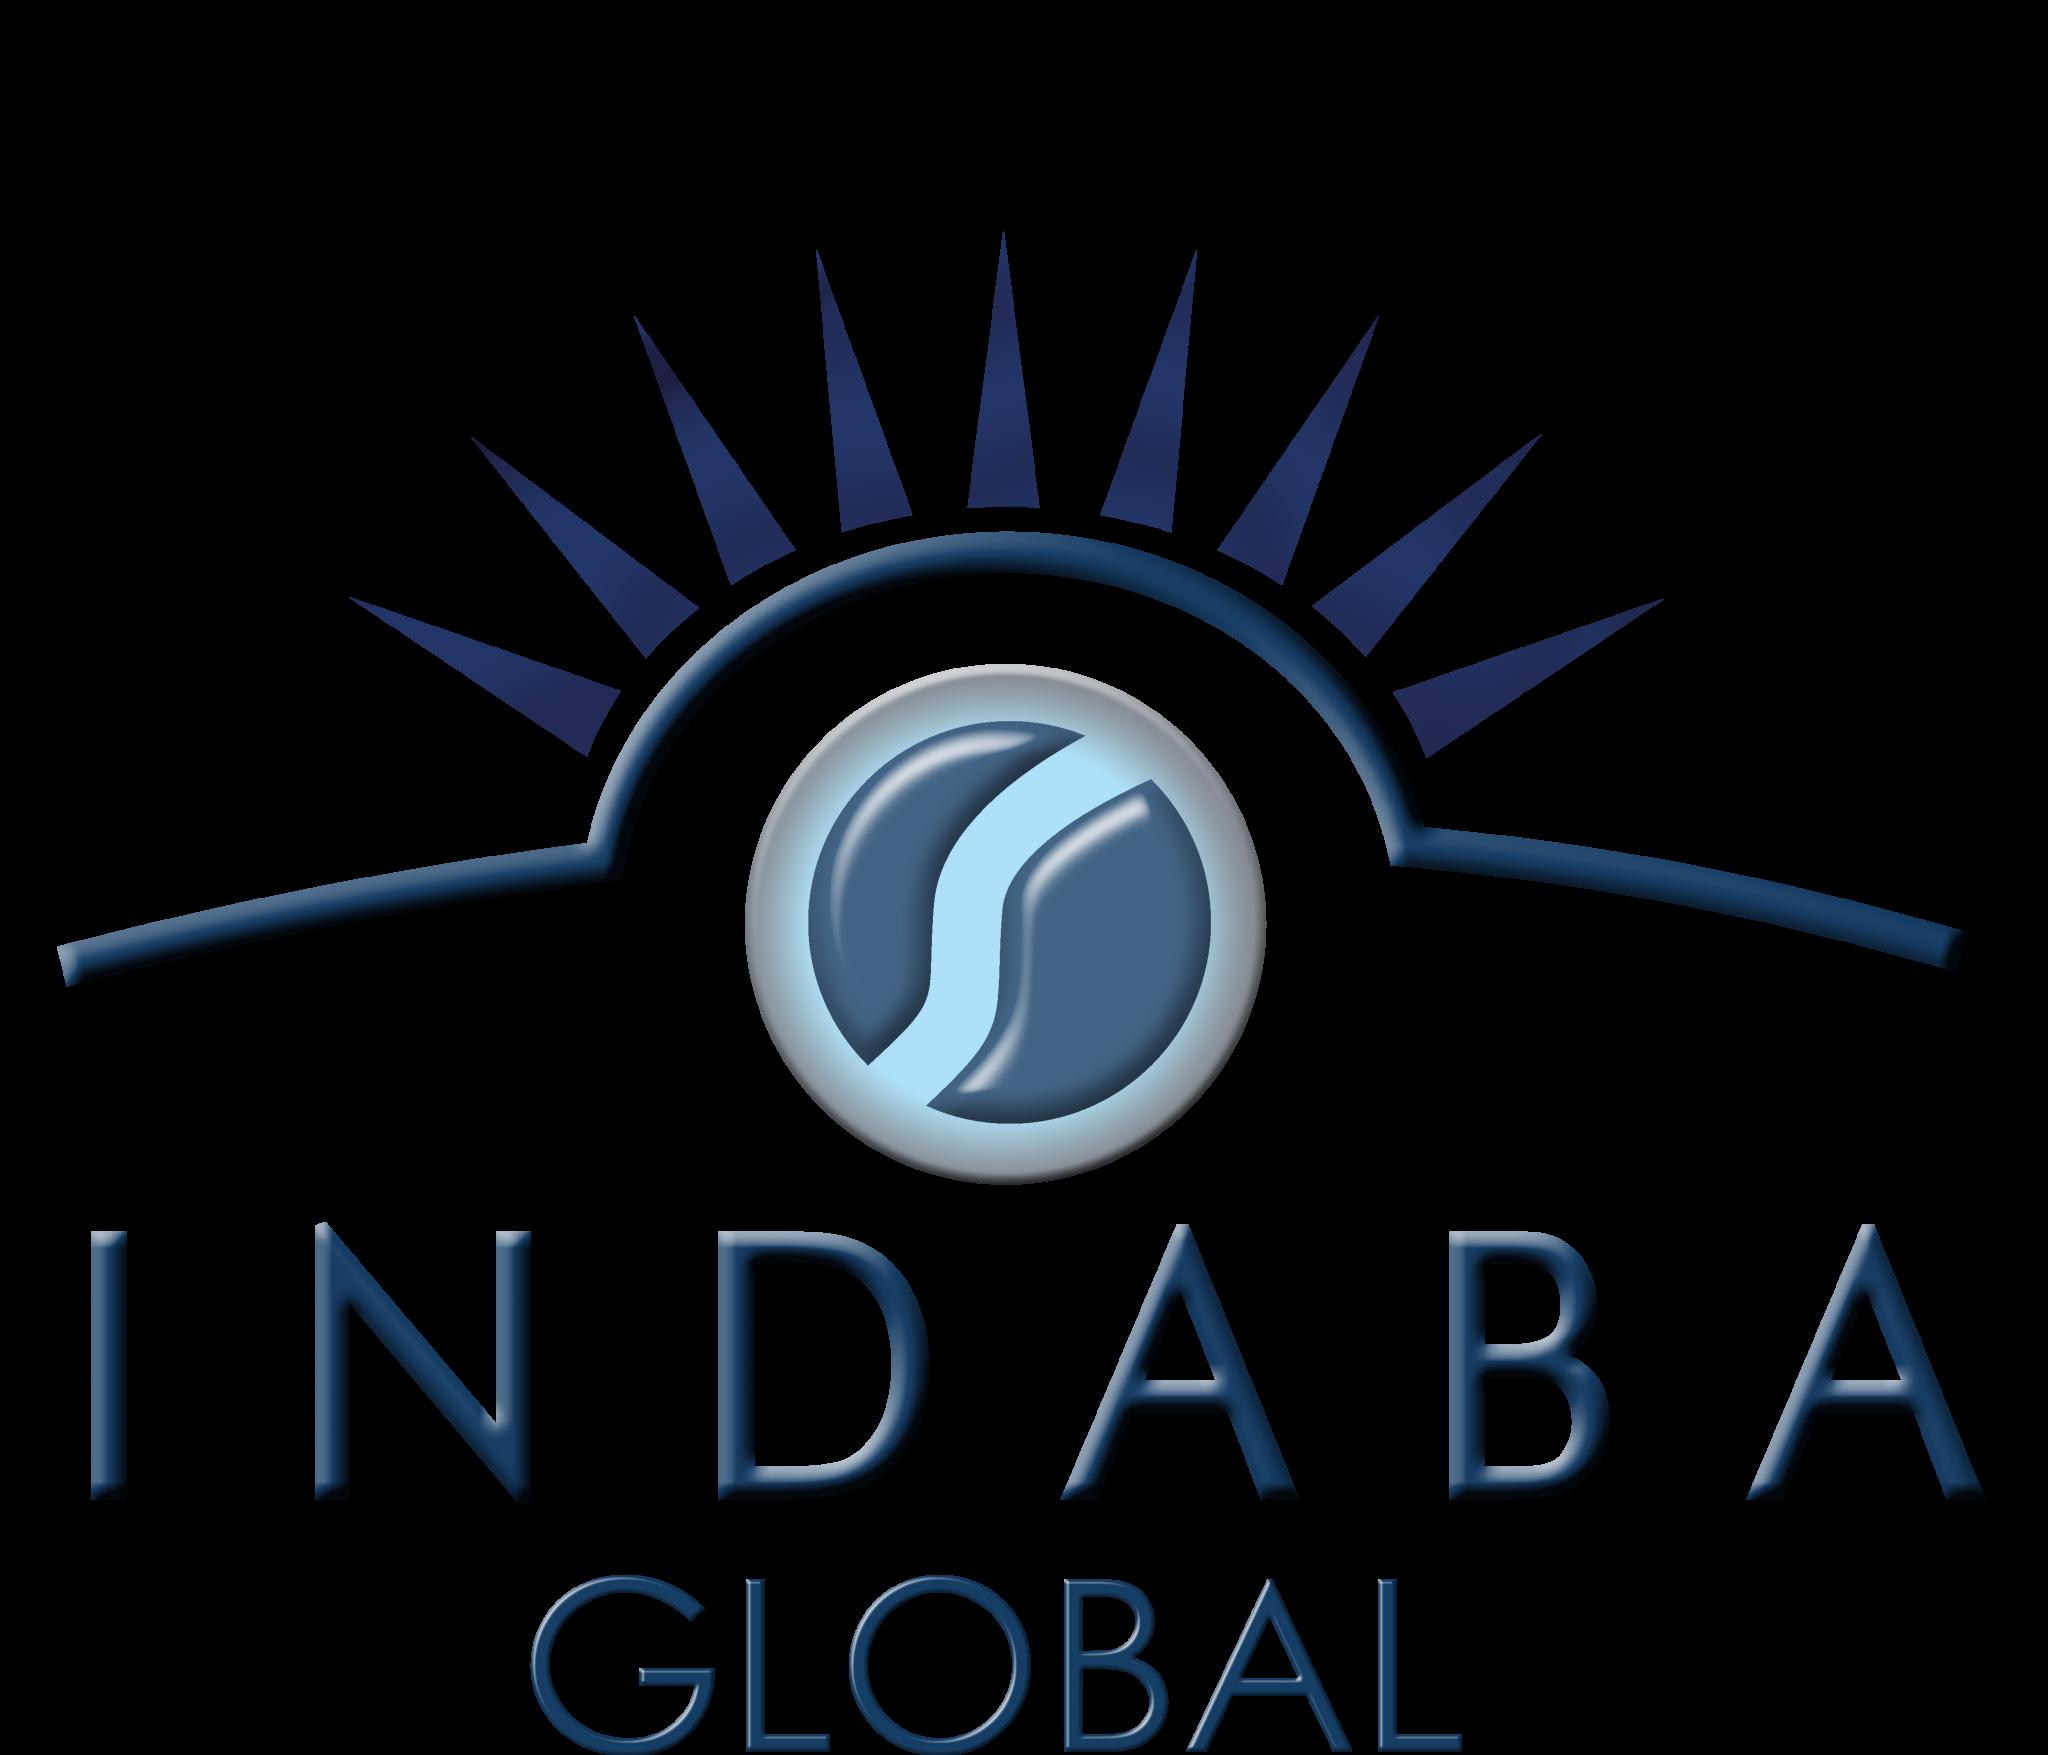 Indaba Global Coaching